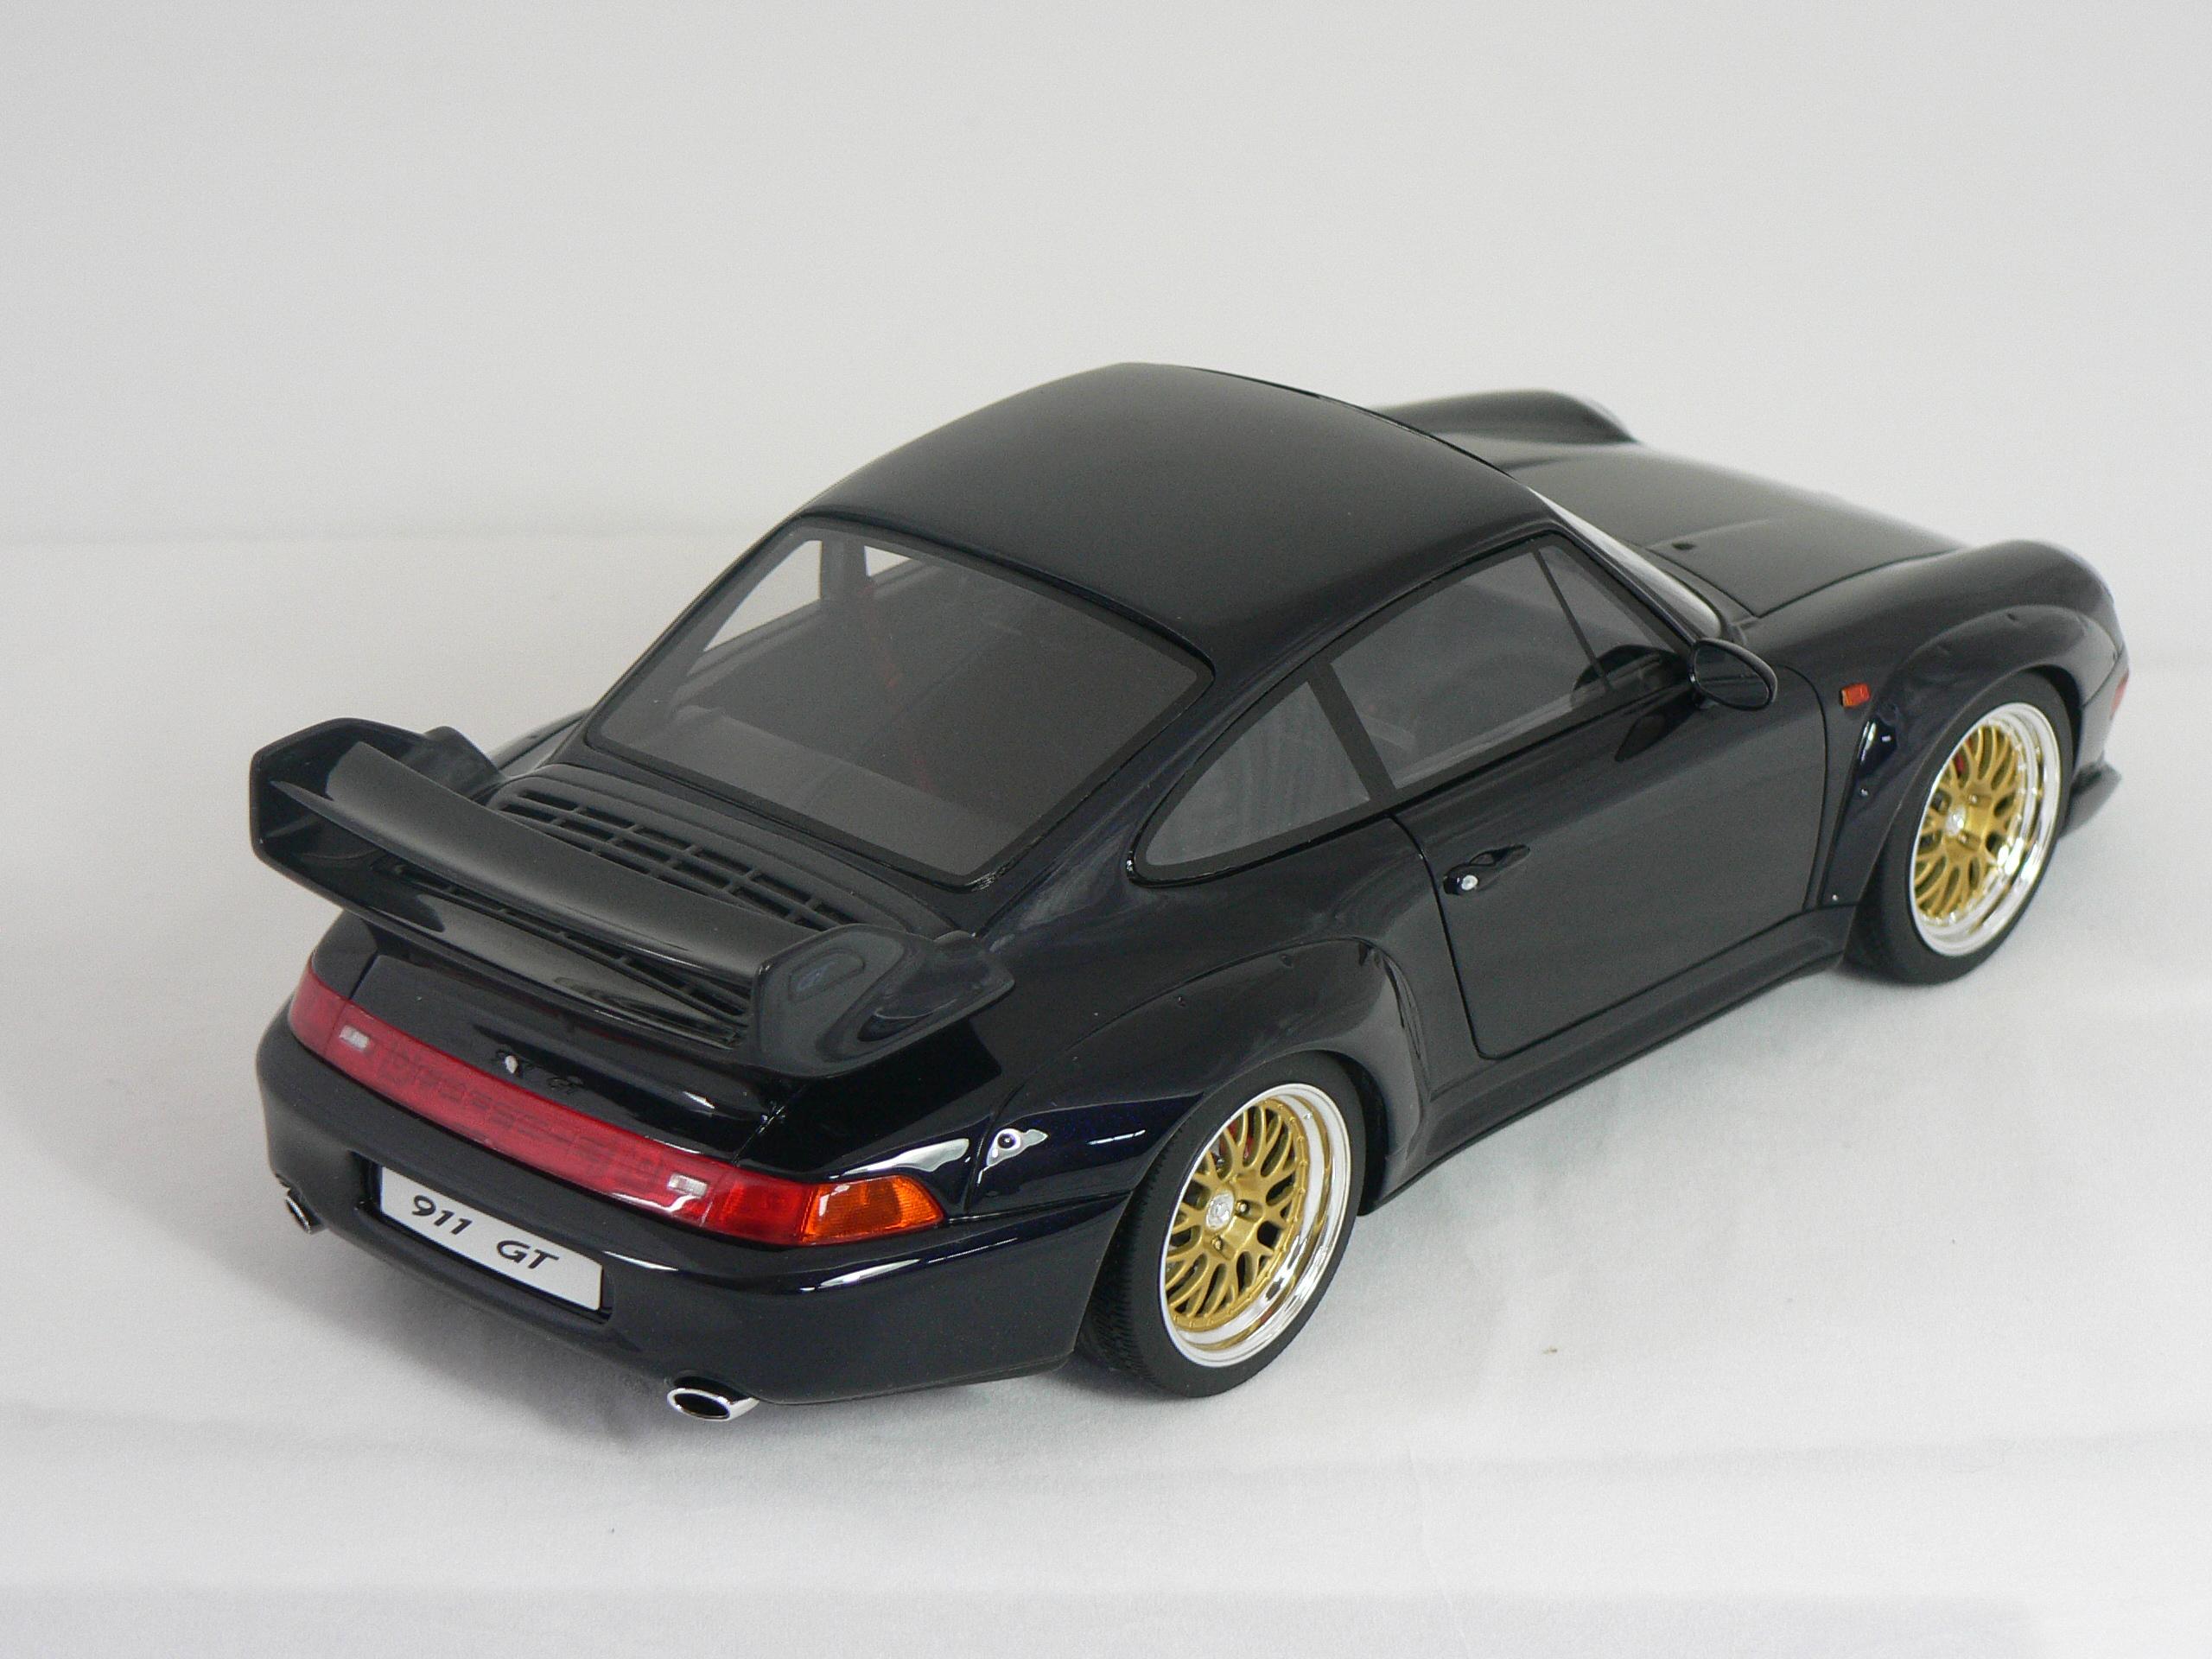 gl modellbilar porsche 911 993 gt inget ppningsbart limited edition 1500pcs. Black Bedroom Furniture Sets. Home Design Ideas